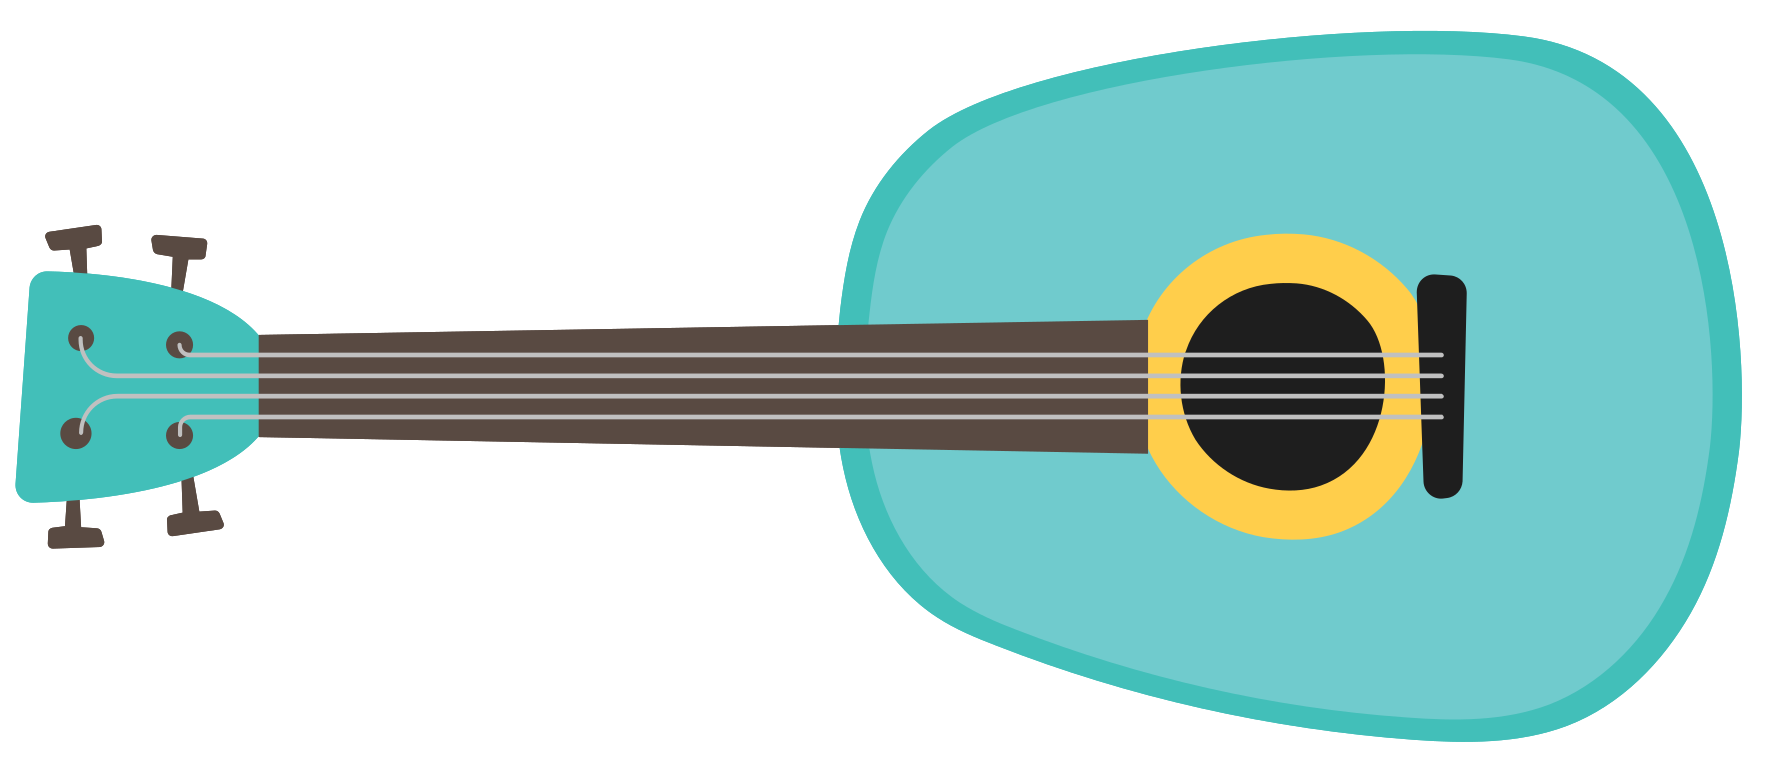 instrument de musique mini guitare png